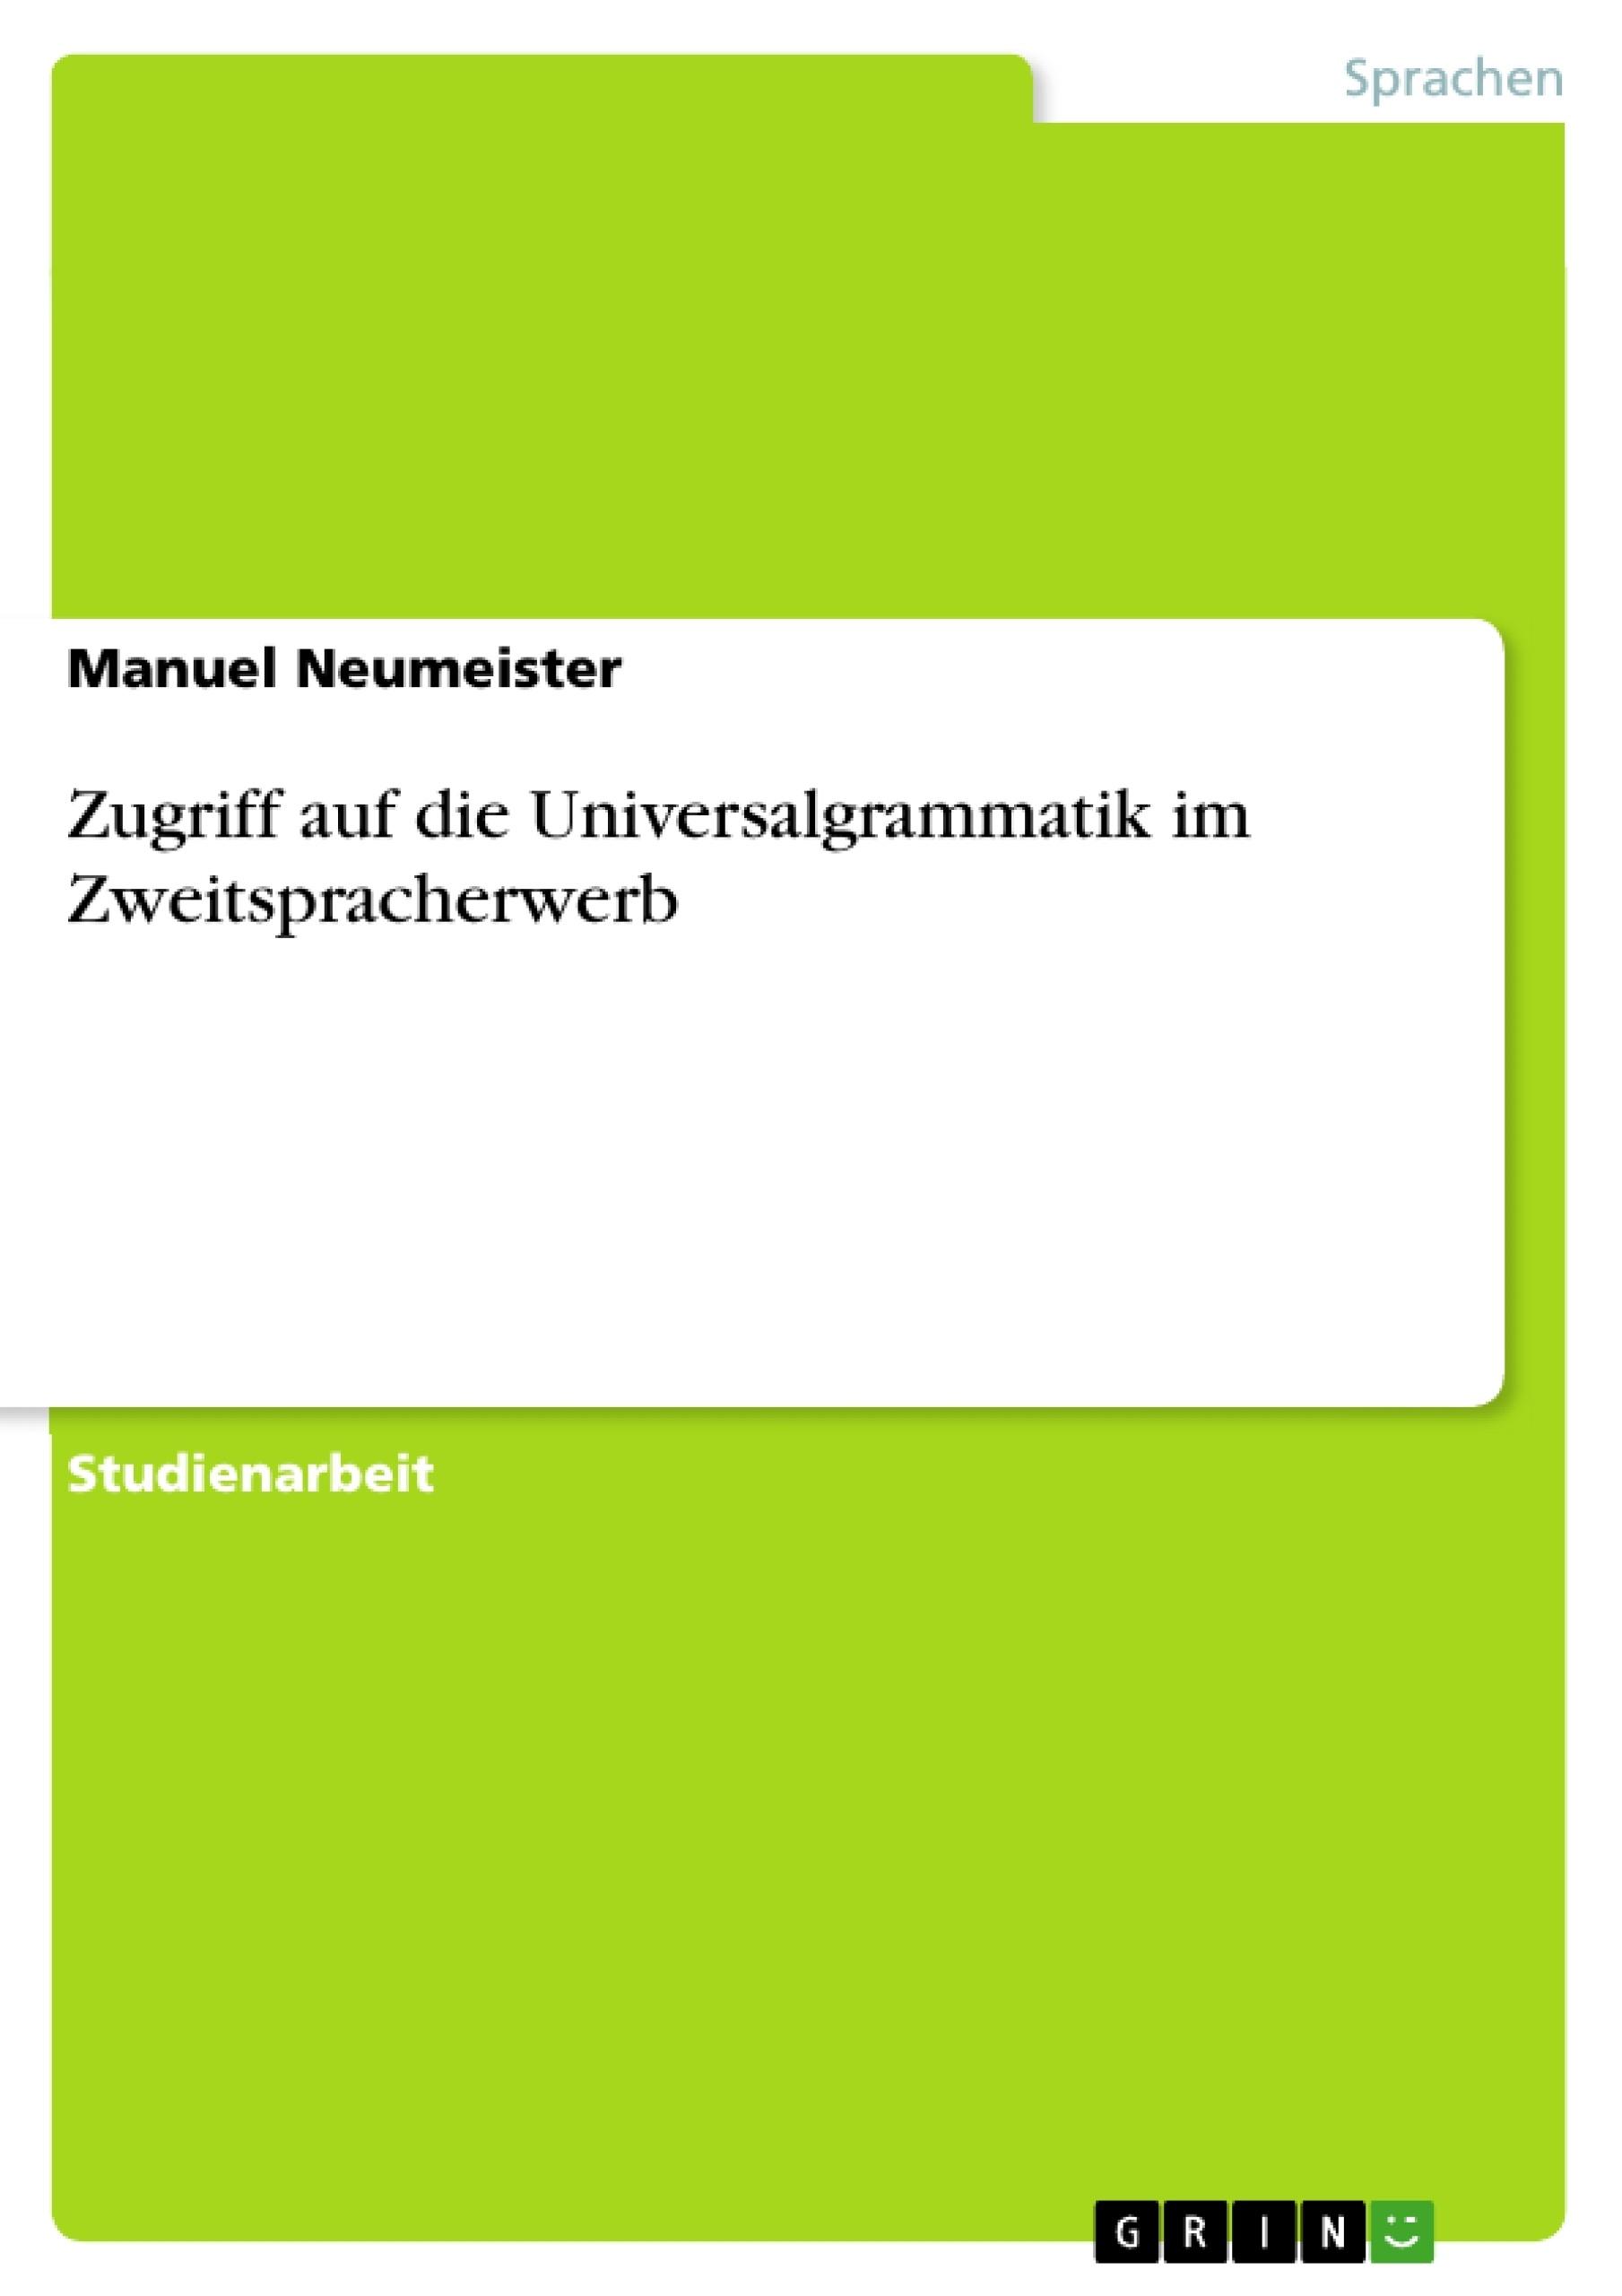 Titel: Zugriff auf die Universalgrammatik im Zweitspracherwerb